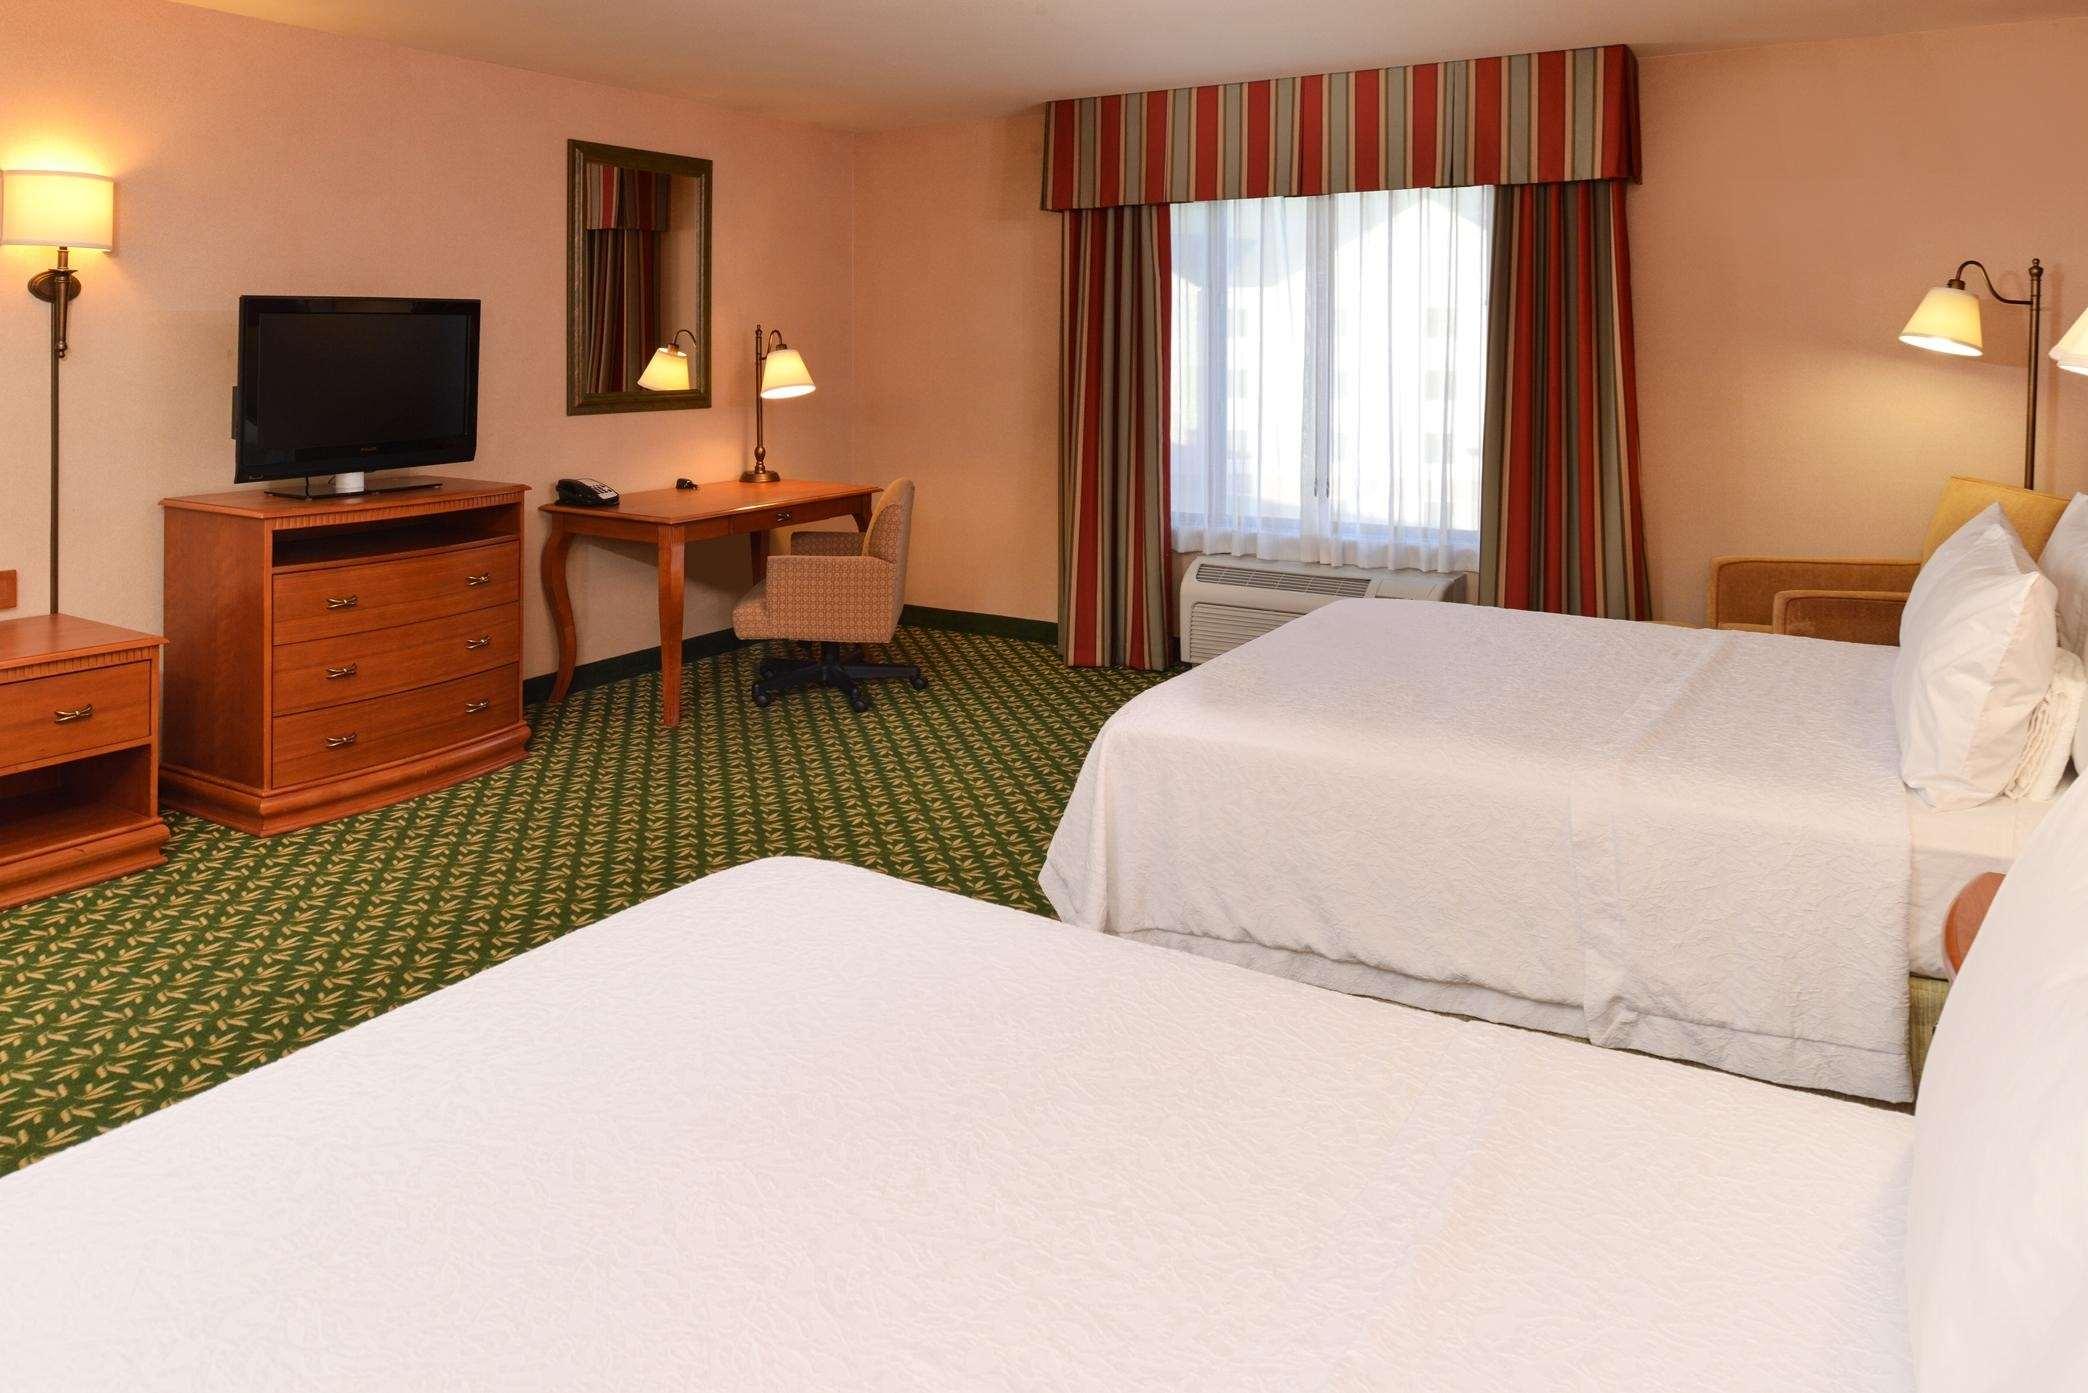 Hampton Inn & Suites Casper image 33